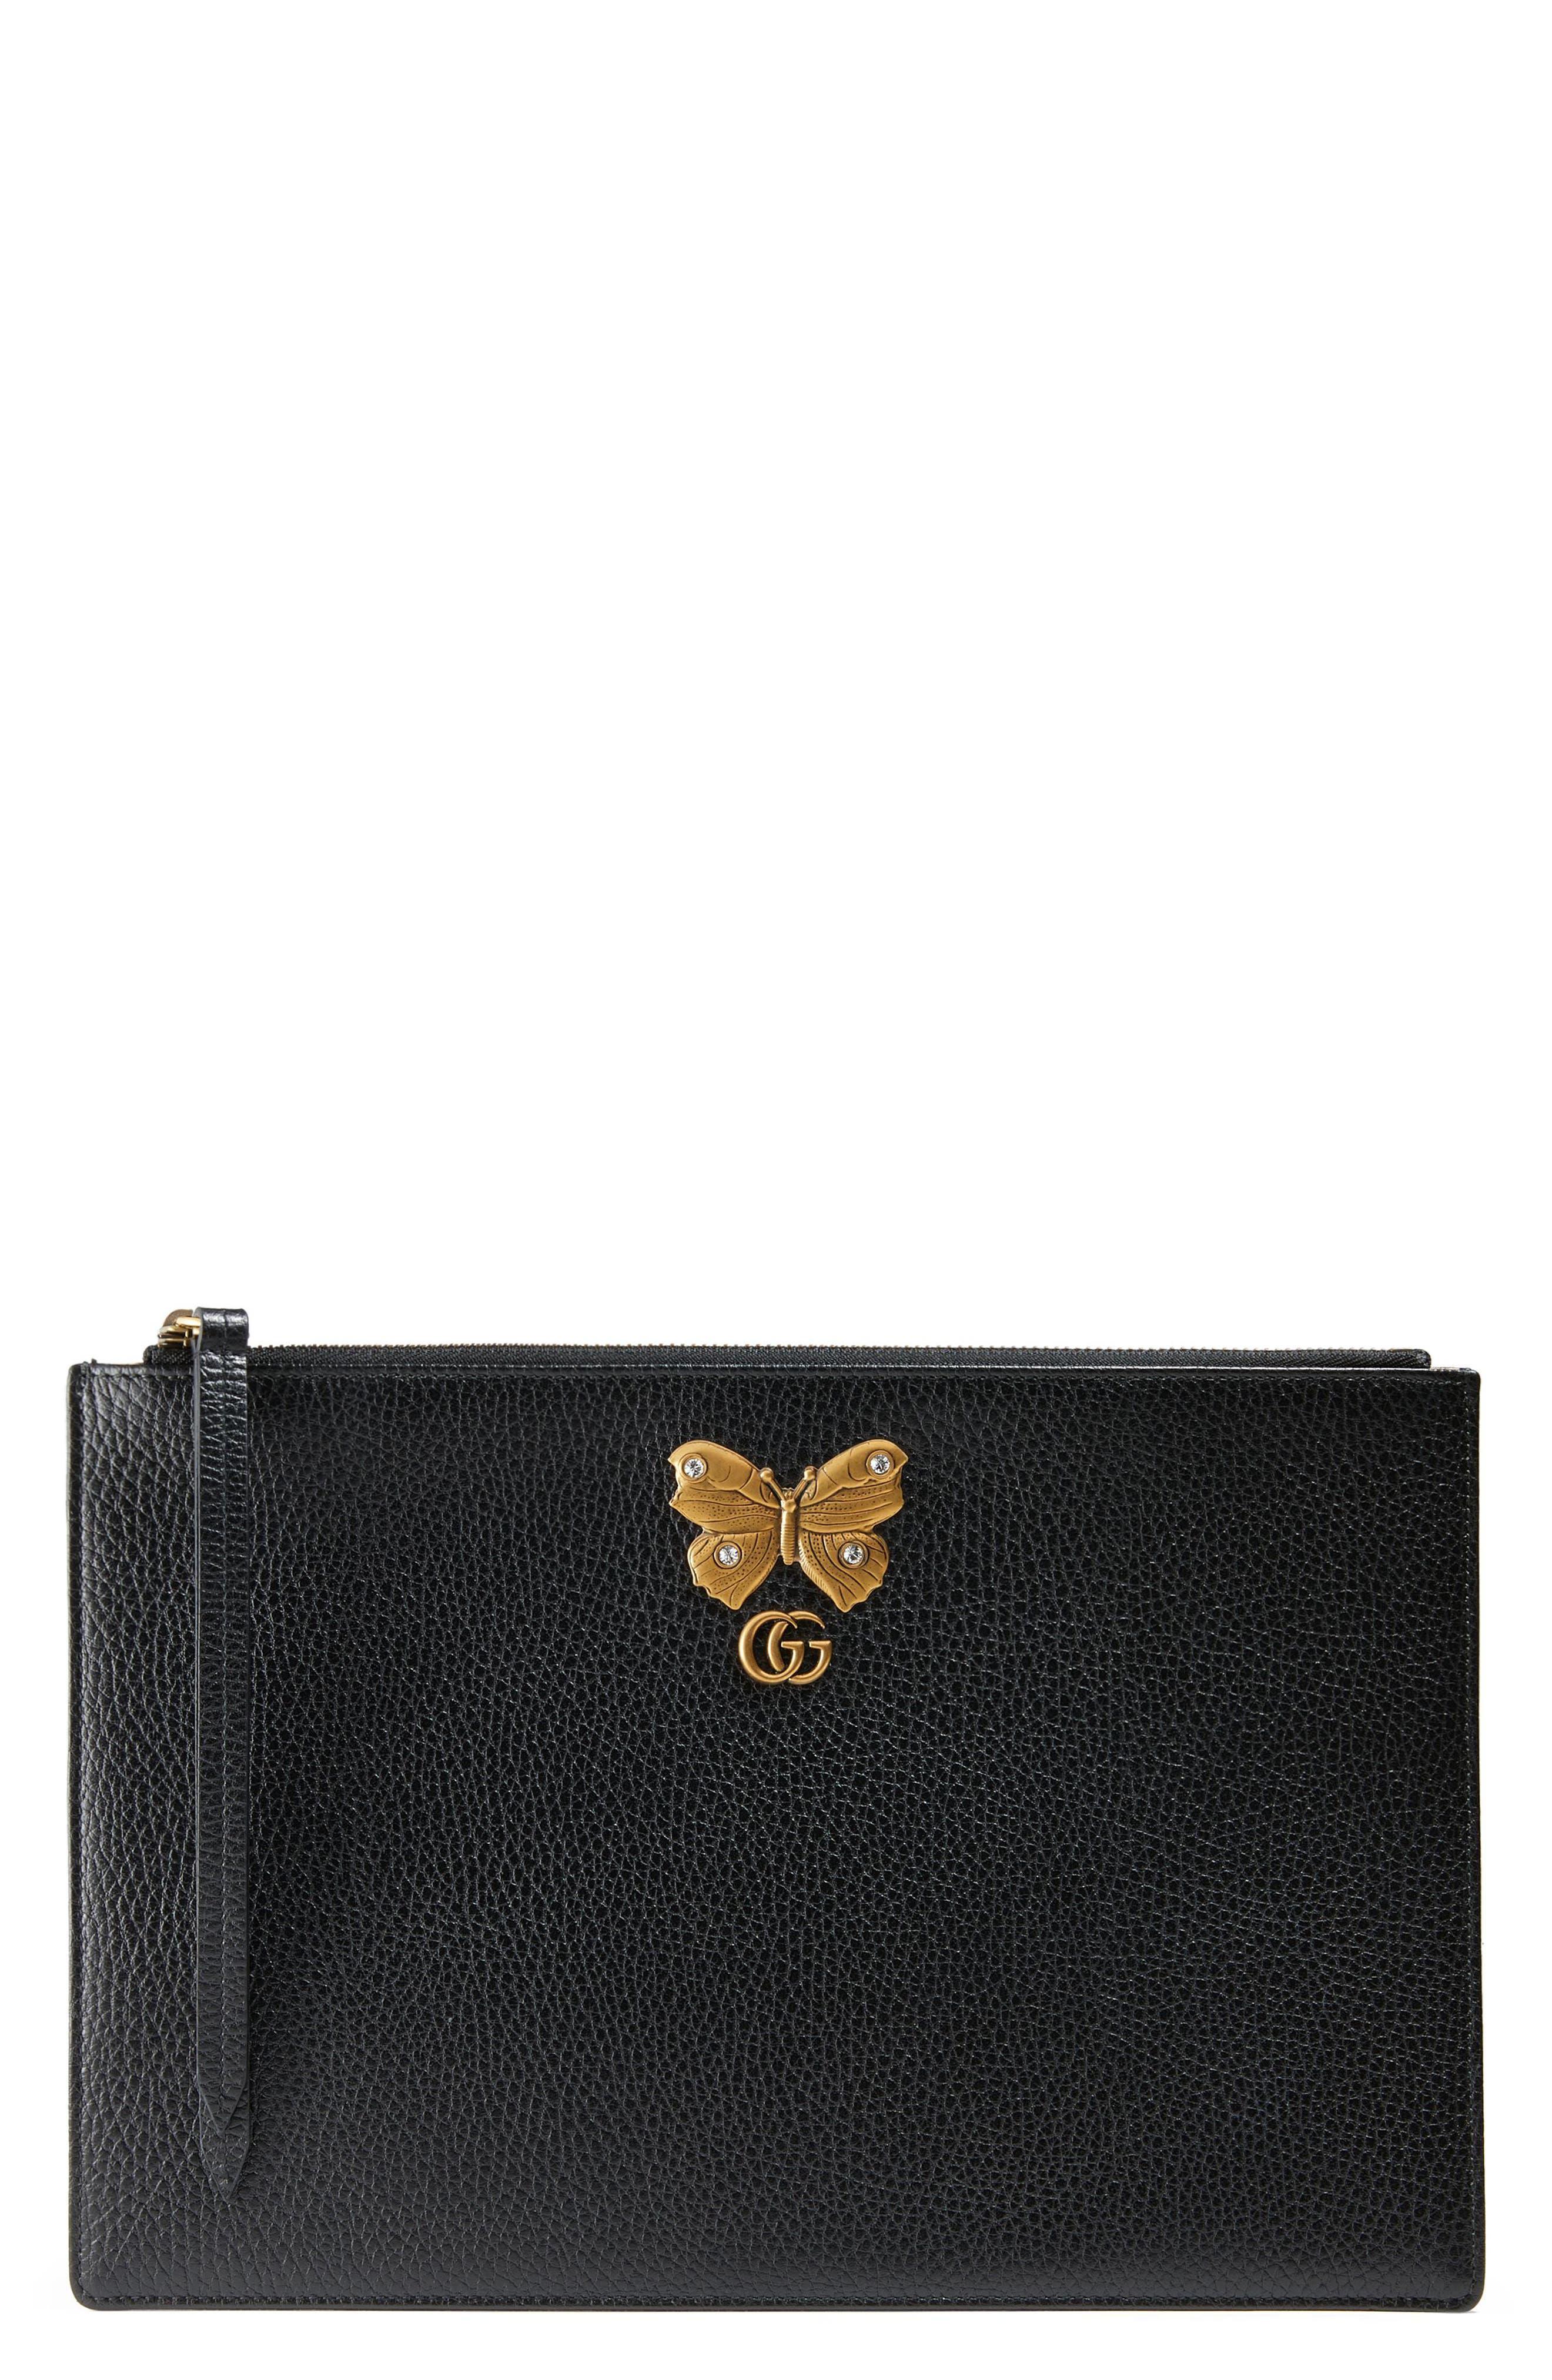 Gucci Linea Farfalla Leather Pouch